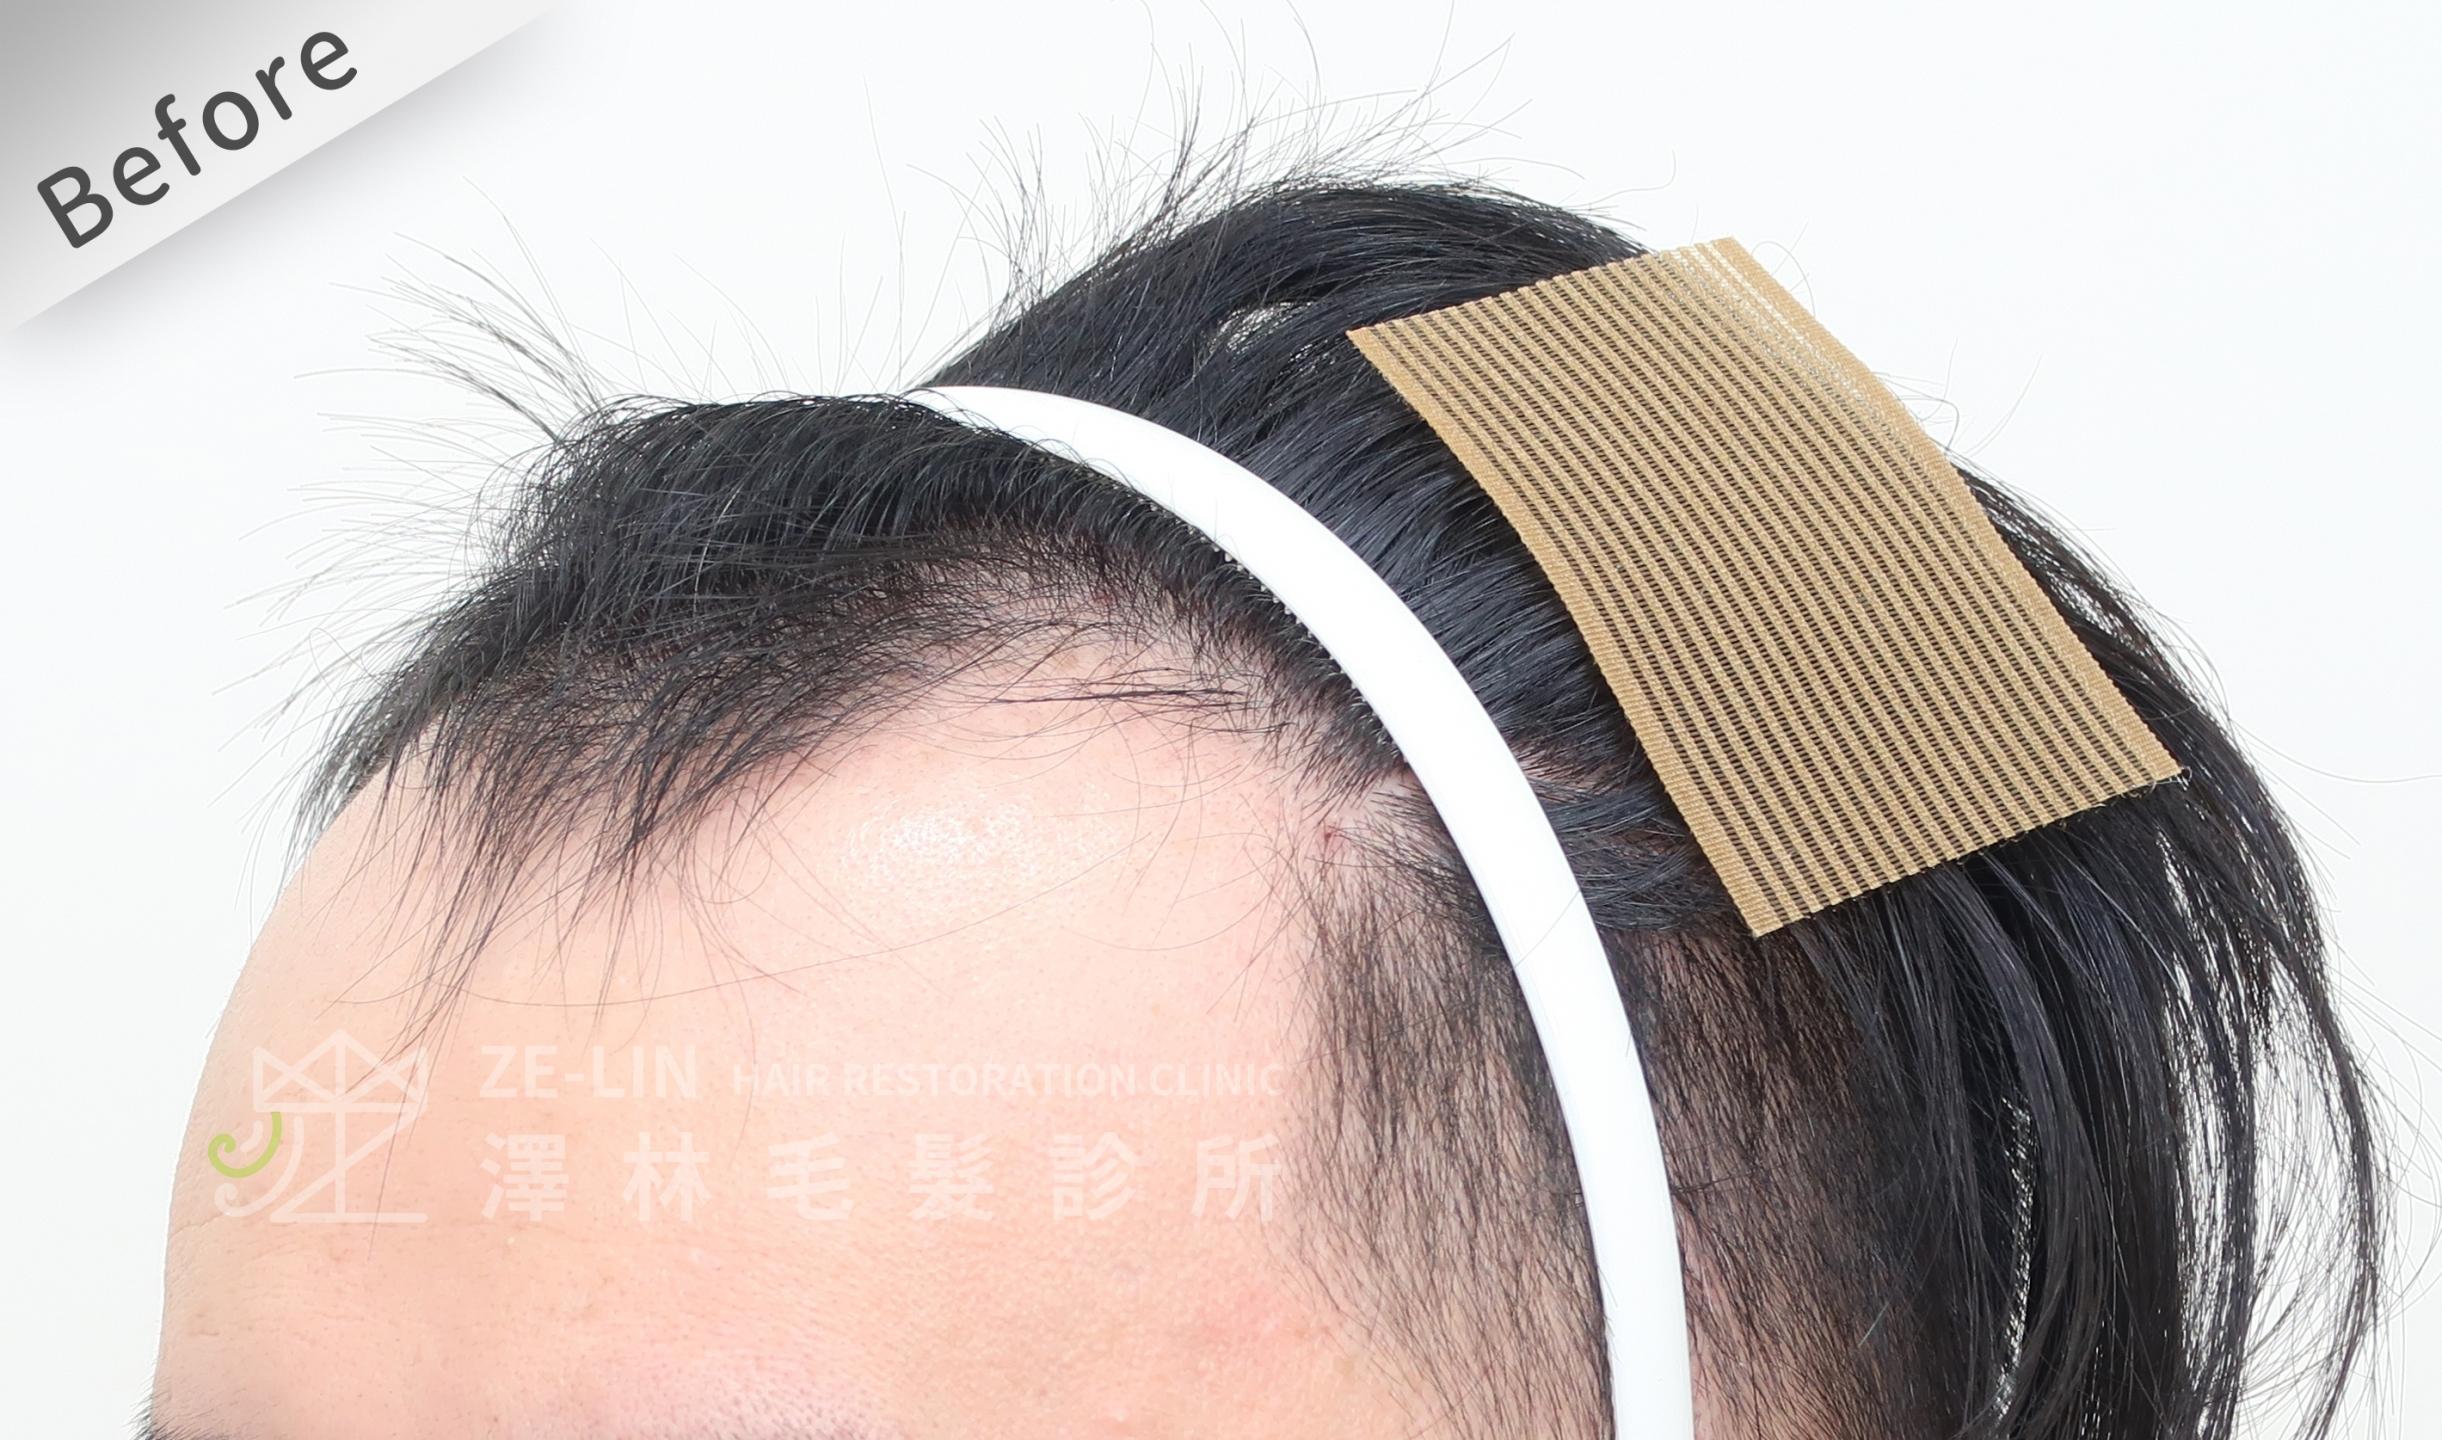 M型禿植髮推薦案例心得分享術前12-3